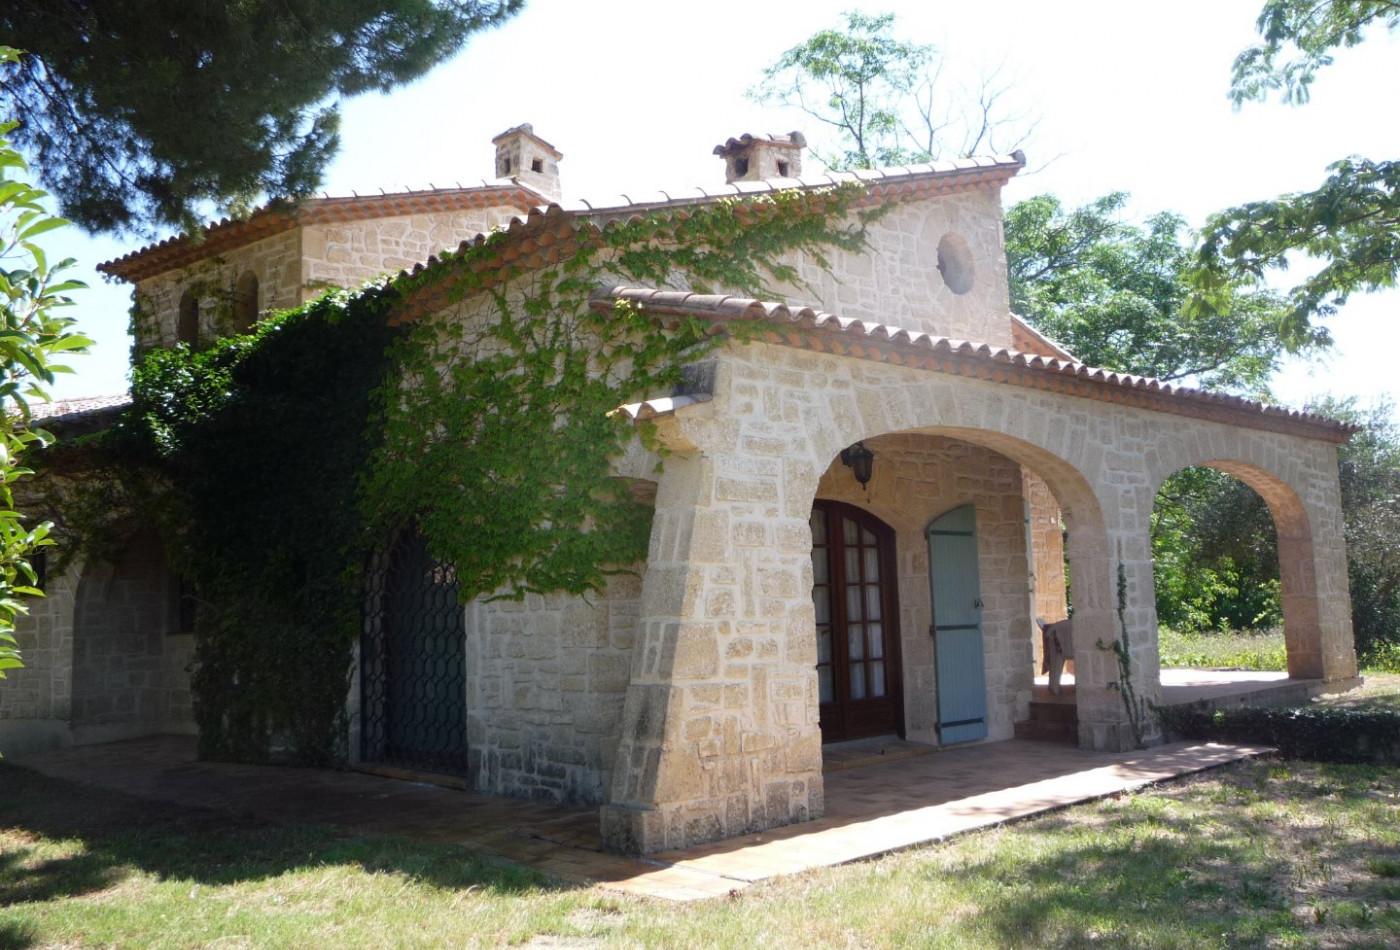 A vendre  Montblanc | Réf 340593898 - Belon immobilier